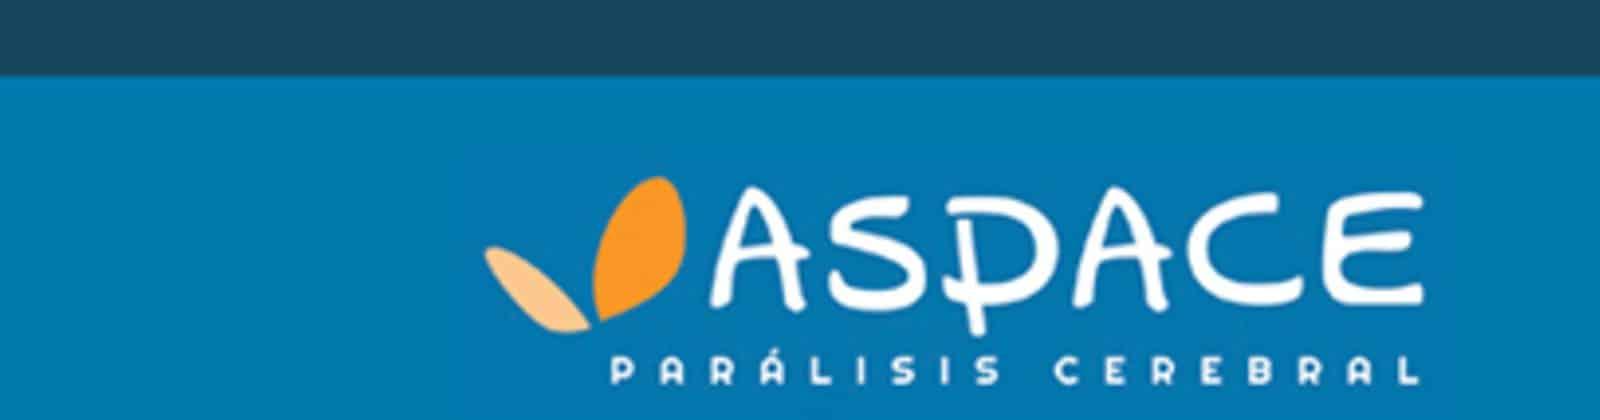 Confederación Aspace siempre apoyando el desarrollo de la estimulación basal